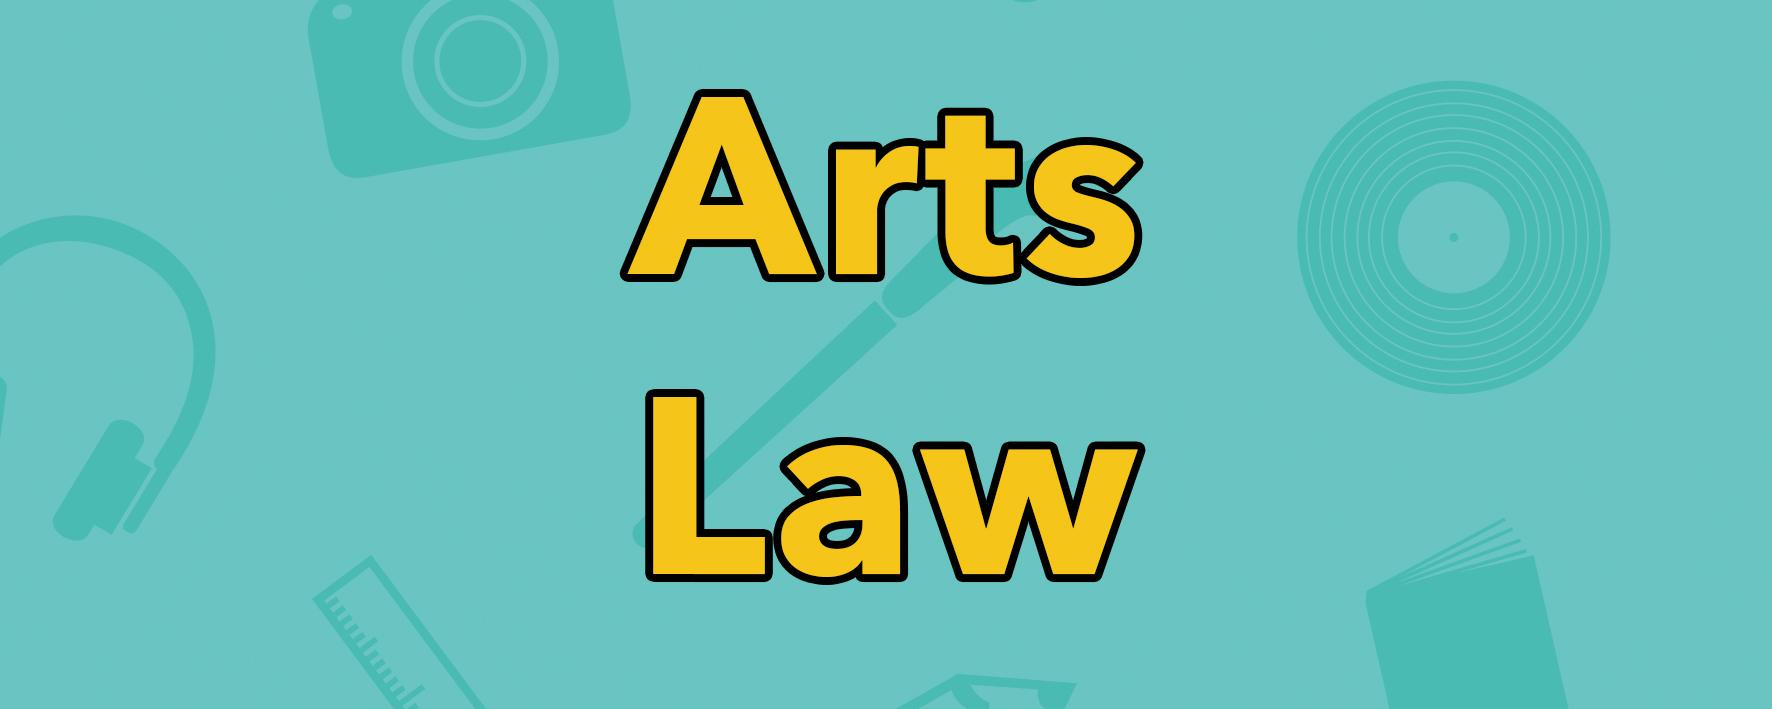 Arts Law